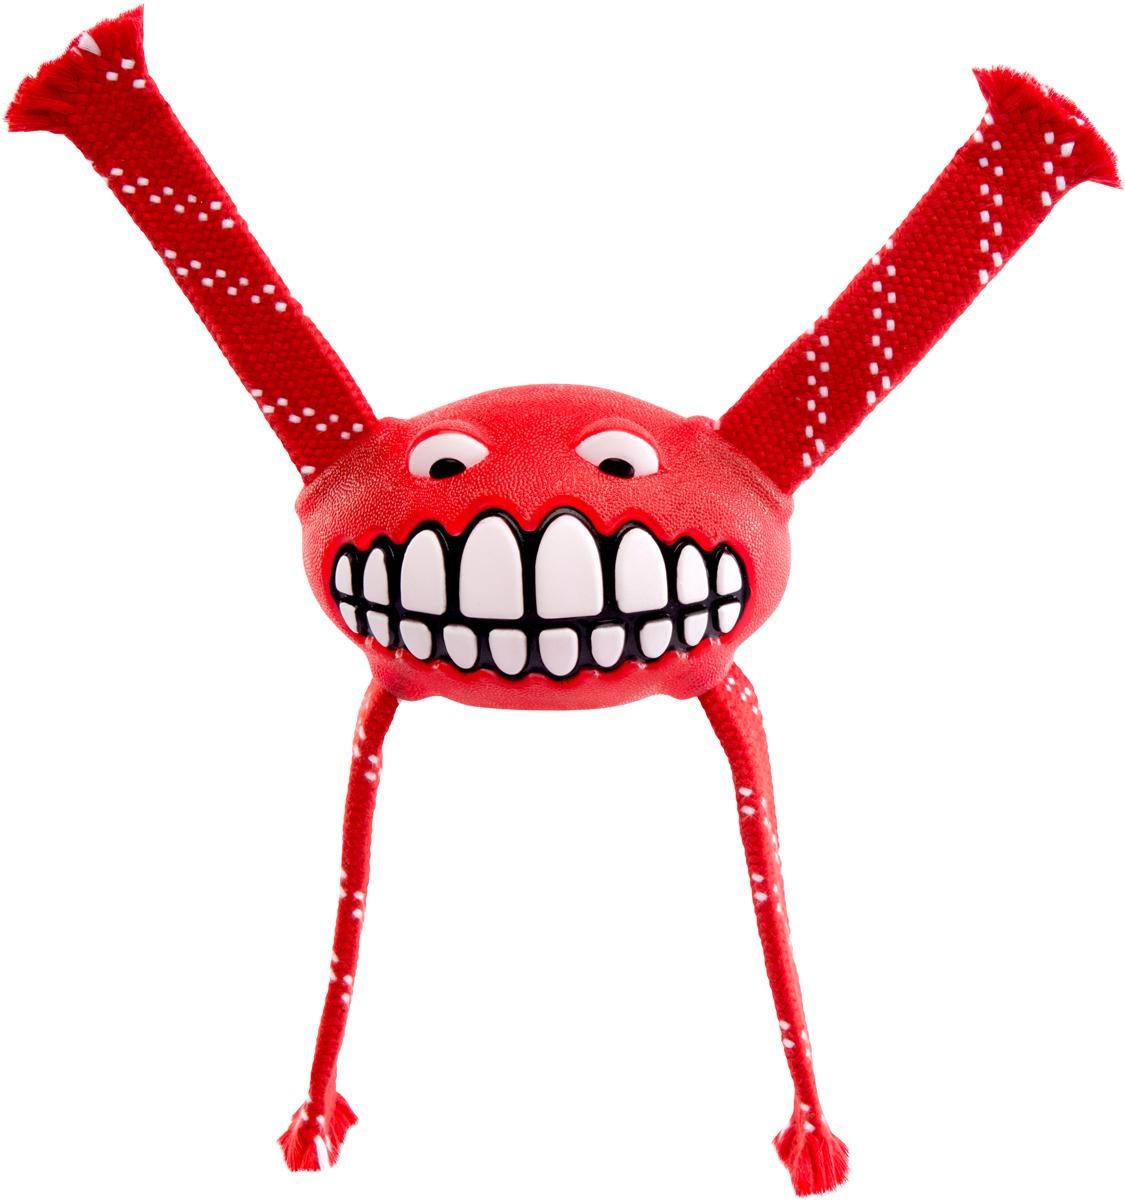 Игрушка для собак Rogz Flossy Grinz. Зубы, цвет: красный, длина 24 смGLG041Игрушка для собак Rogz Flossy Grinz. Зубы типа Отними - очень прочная и крепкая.Внутри – пищалка, что поддерживает интерес животного к игре.Уникальная функция игрушки - чистит язык и зубы.